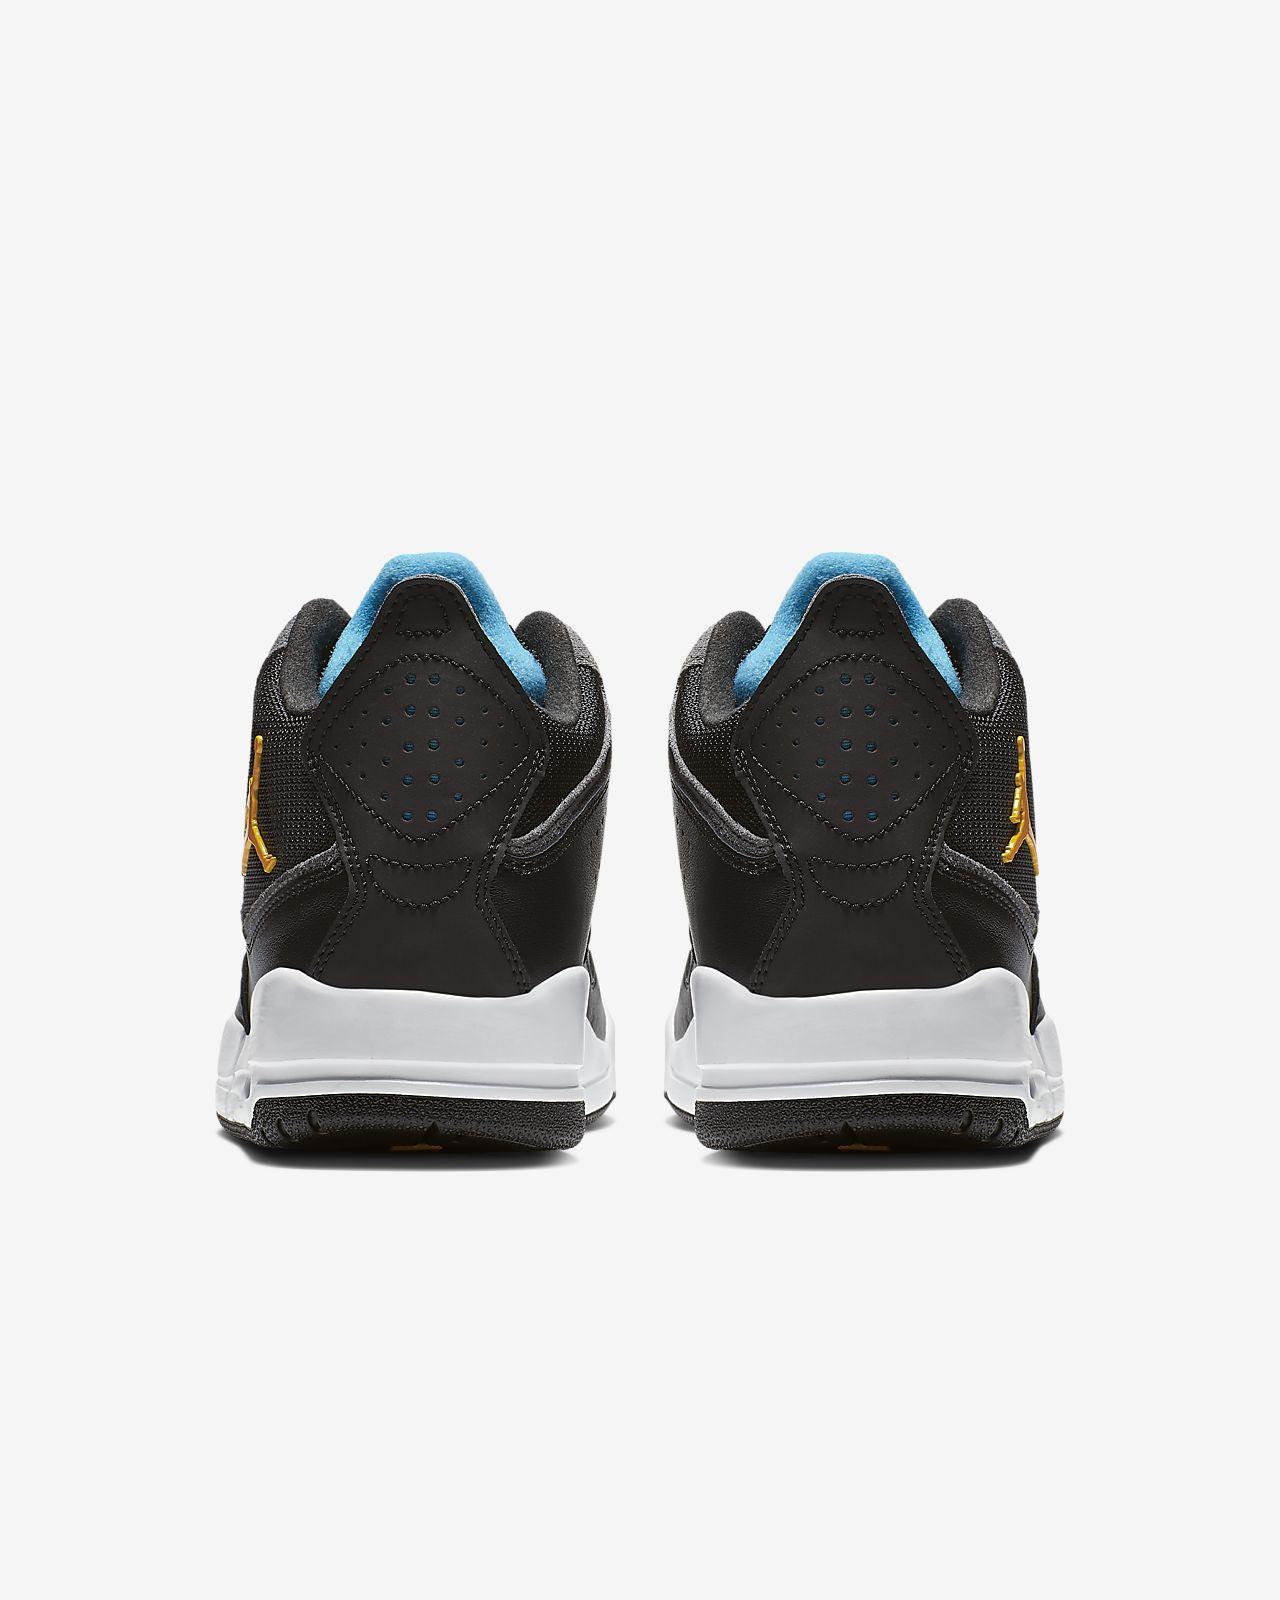 5cfd0f9908801 Calzado para hombre Jordan Courtside 23. Nike.com MX